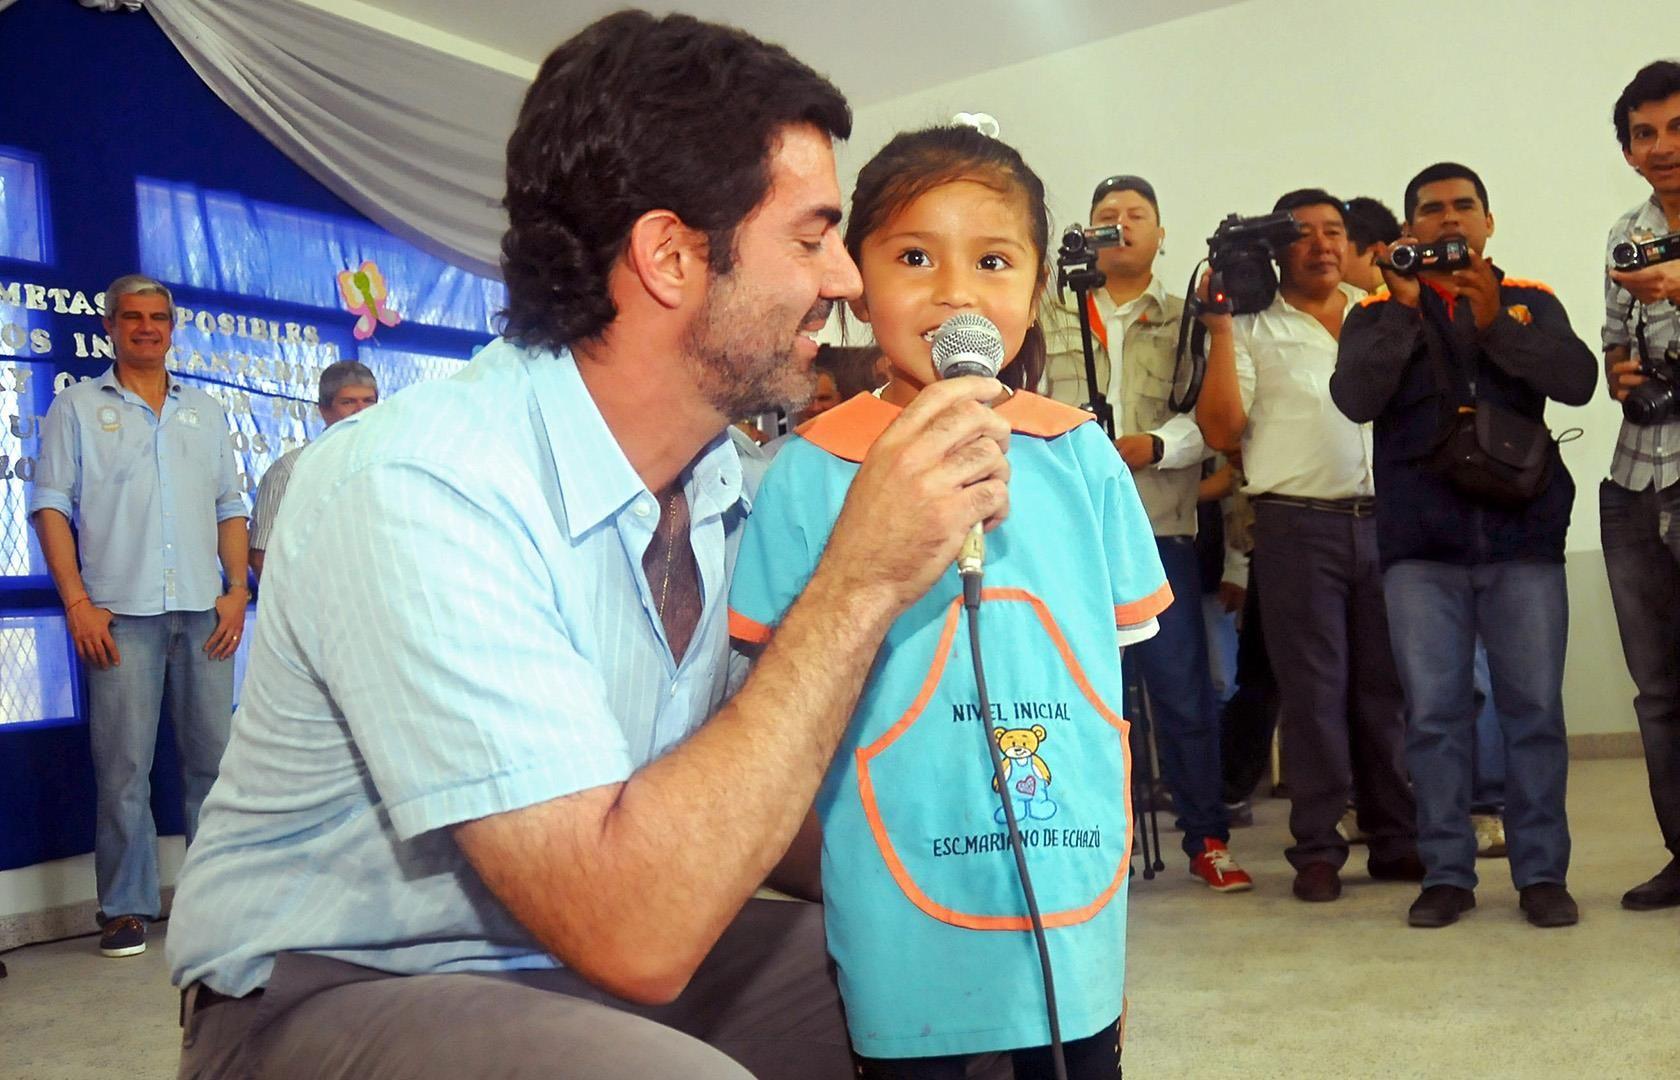 Juan Manuel Urtubey encabezó el acto de inauguración del edificio para el nivel de educación inicial 4176 Mariano Echazú. Obra que se llevó a cabo a través del Fondo de Reparación Histórica y beneficia a más de 200 niños residentes en Misión Chorote, Tartagal